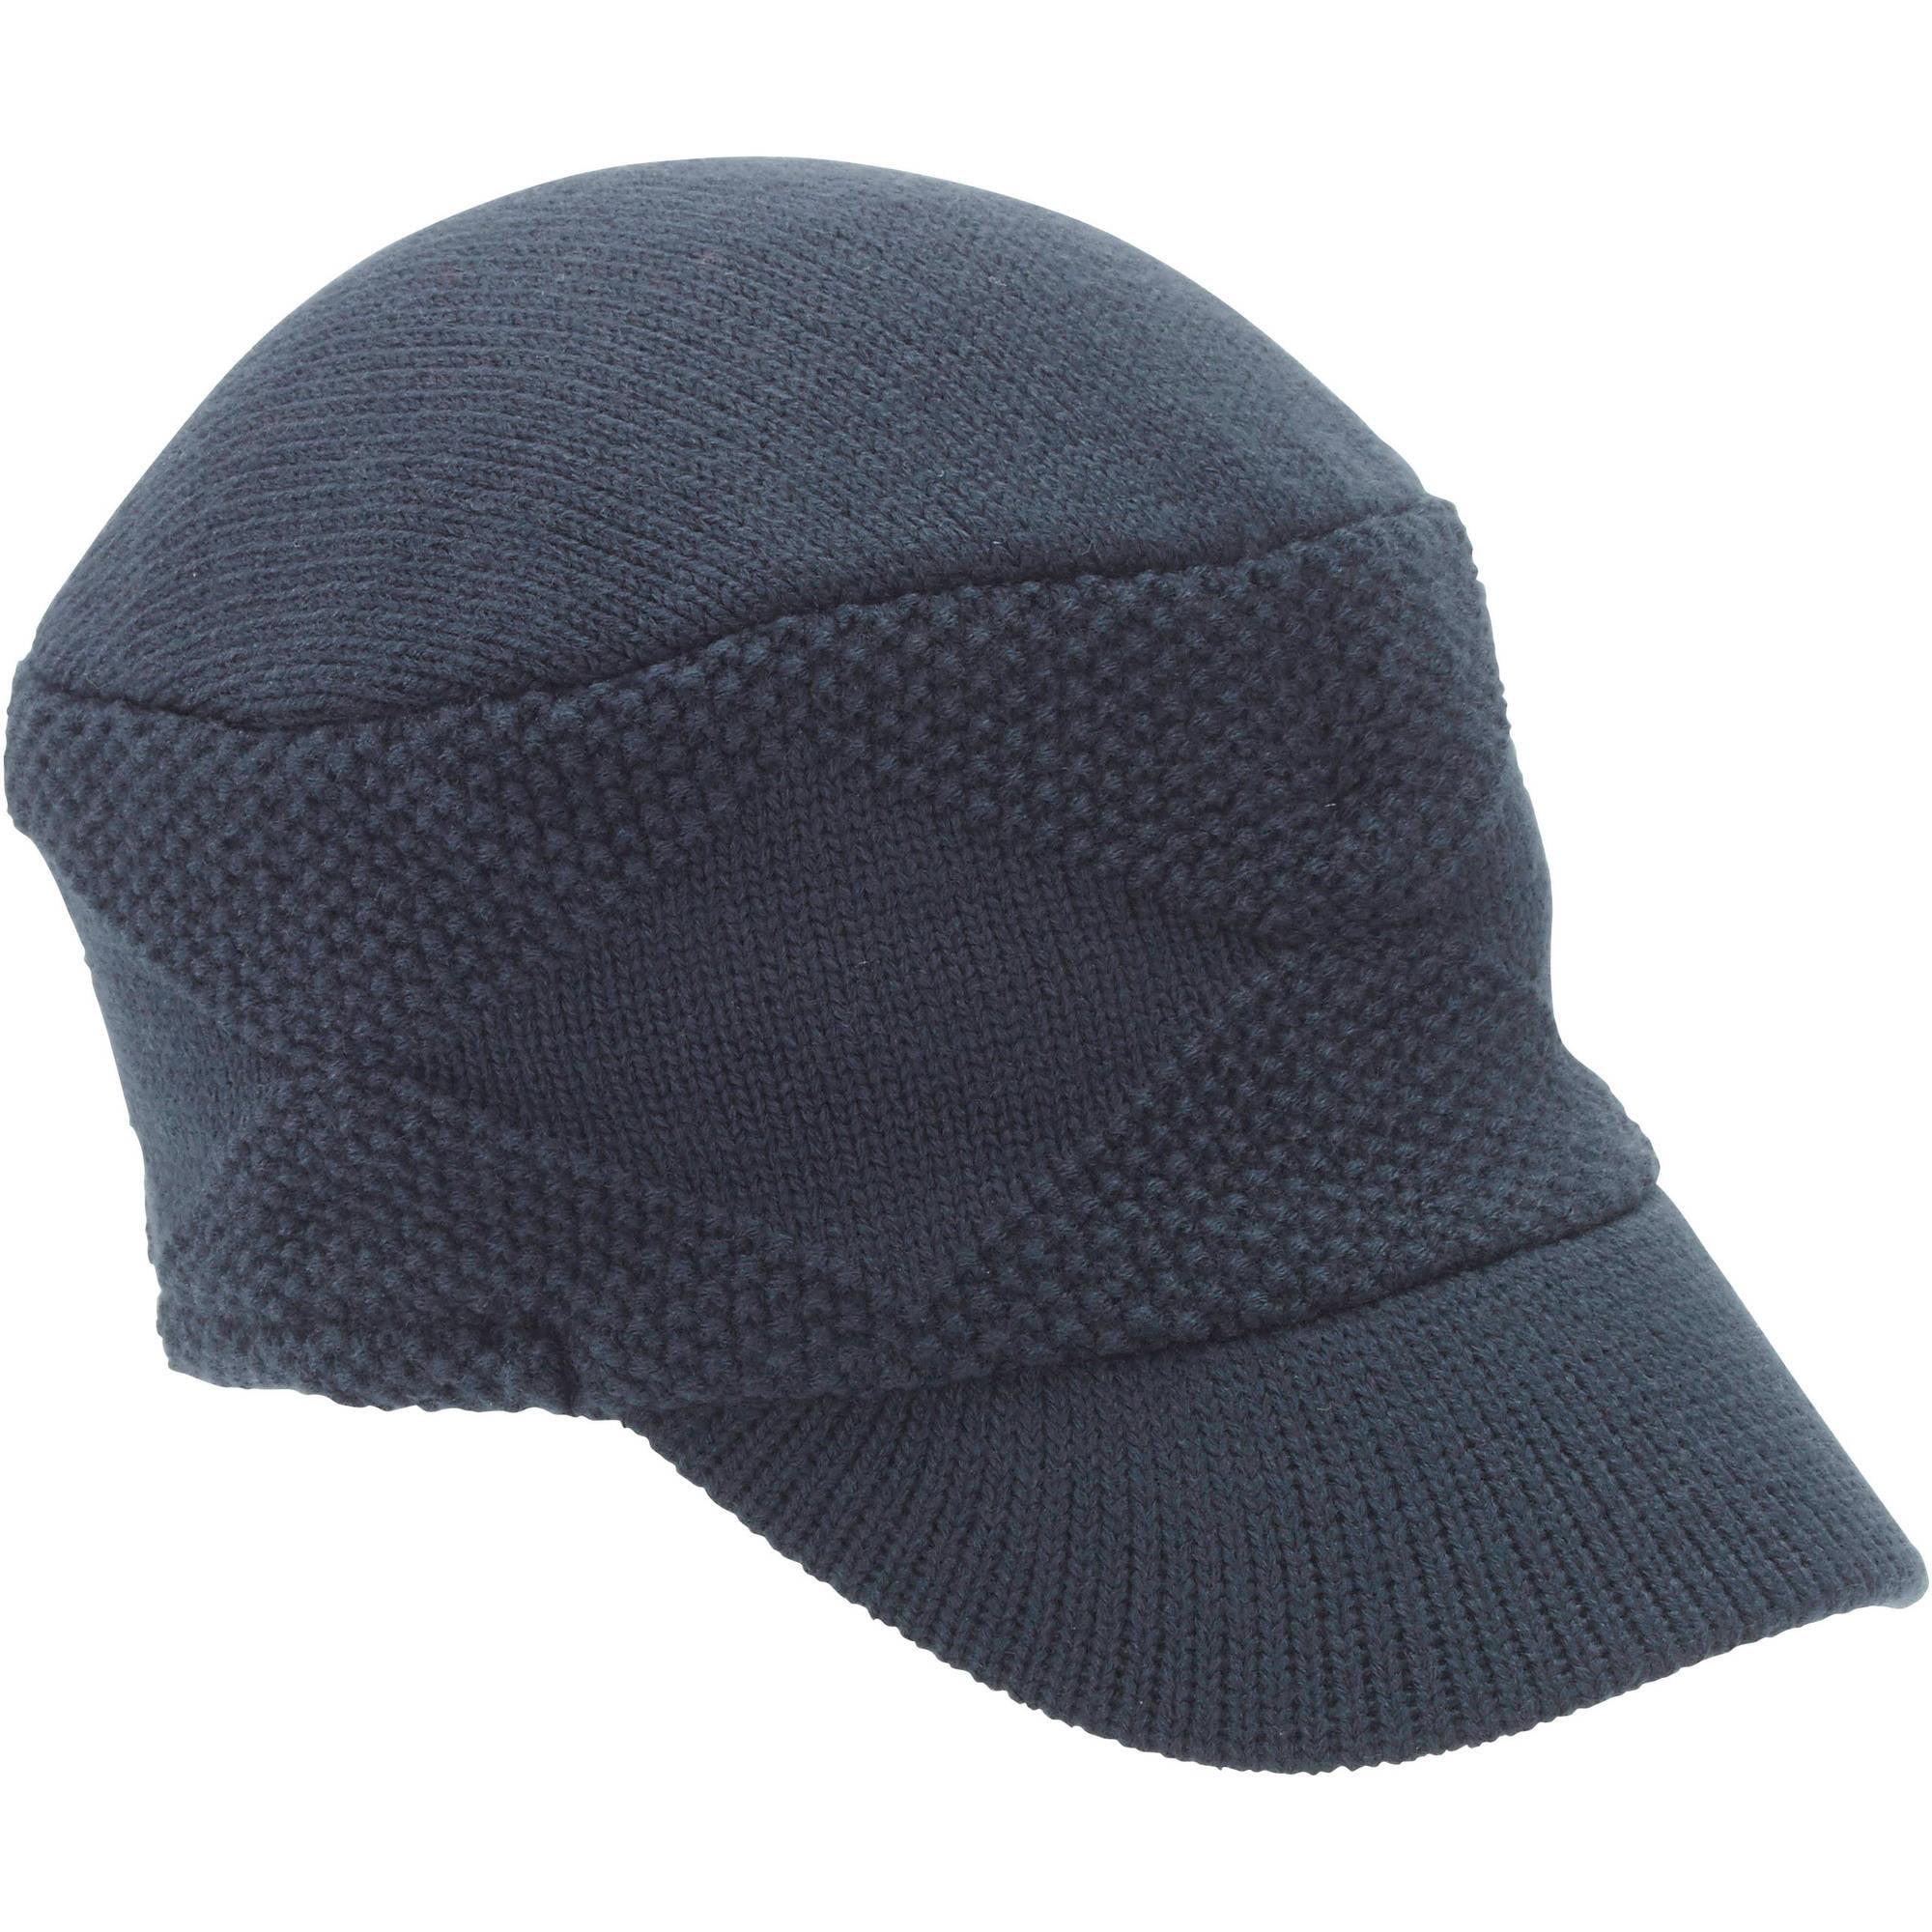 Cold Front Men's Visor Hat